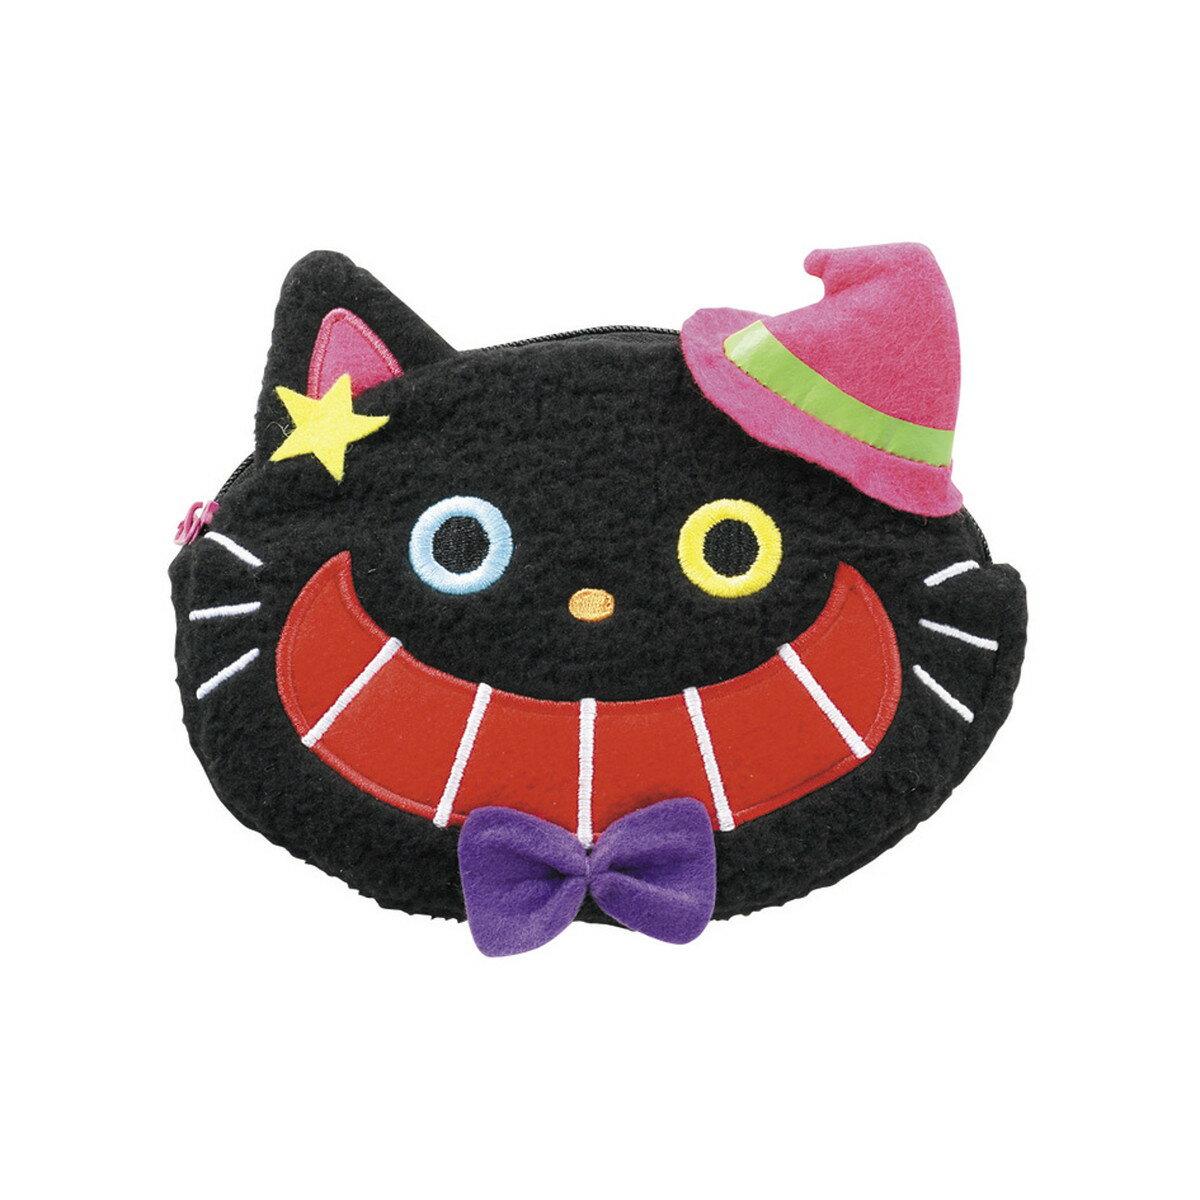 アーテック ふわふわハロウィンポーチ 黒猫(HF-140) 76379